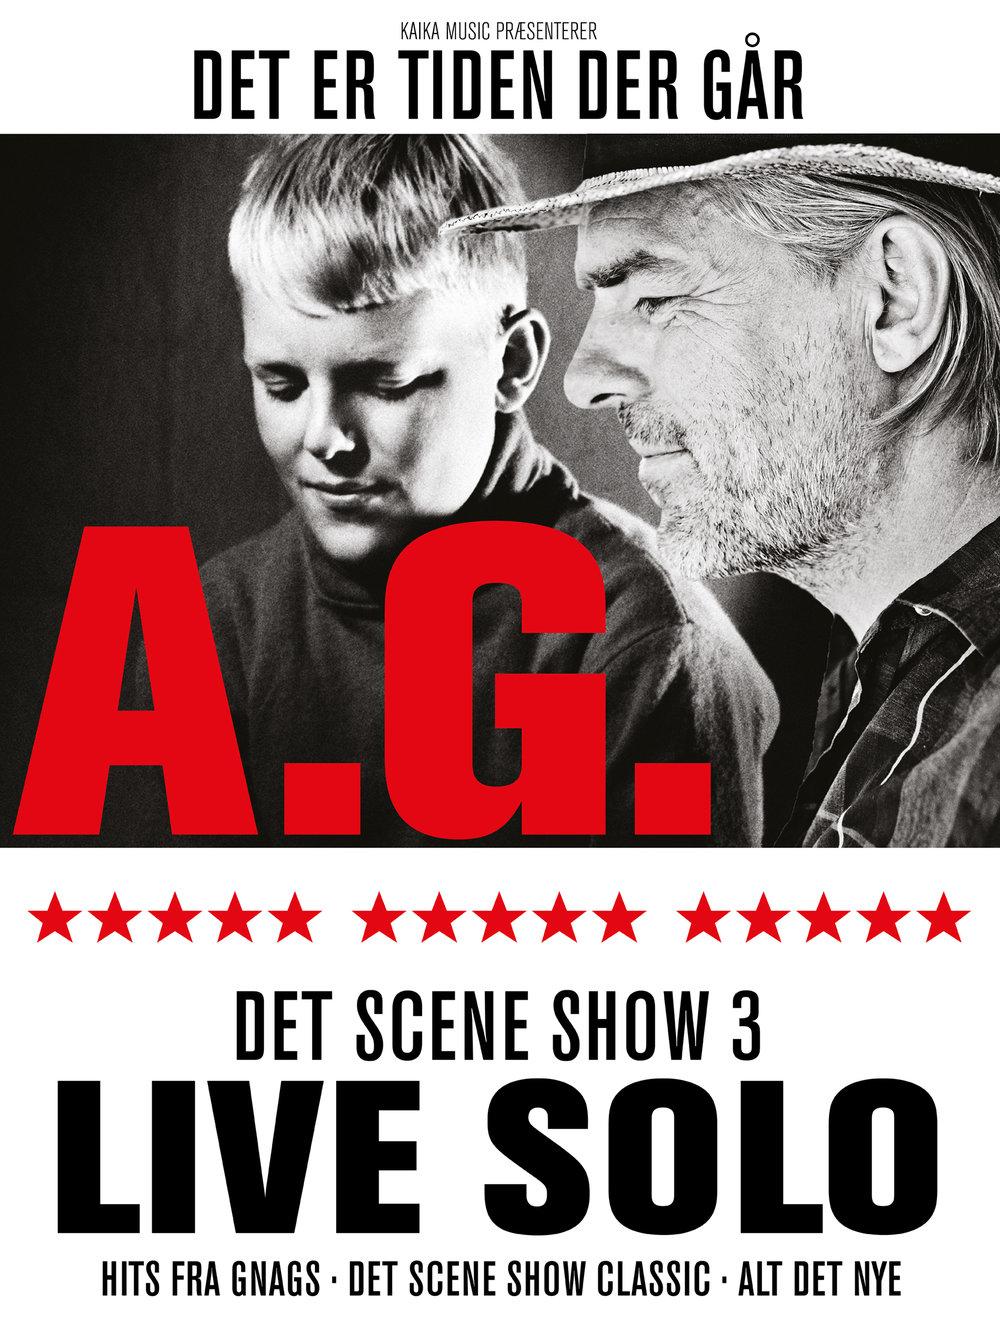 Peter-ag-live-solo-plakat.jpg